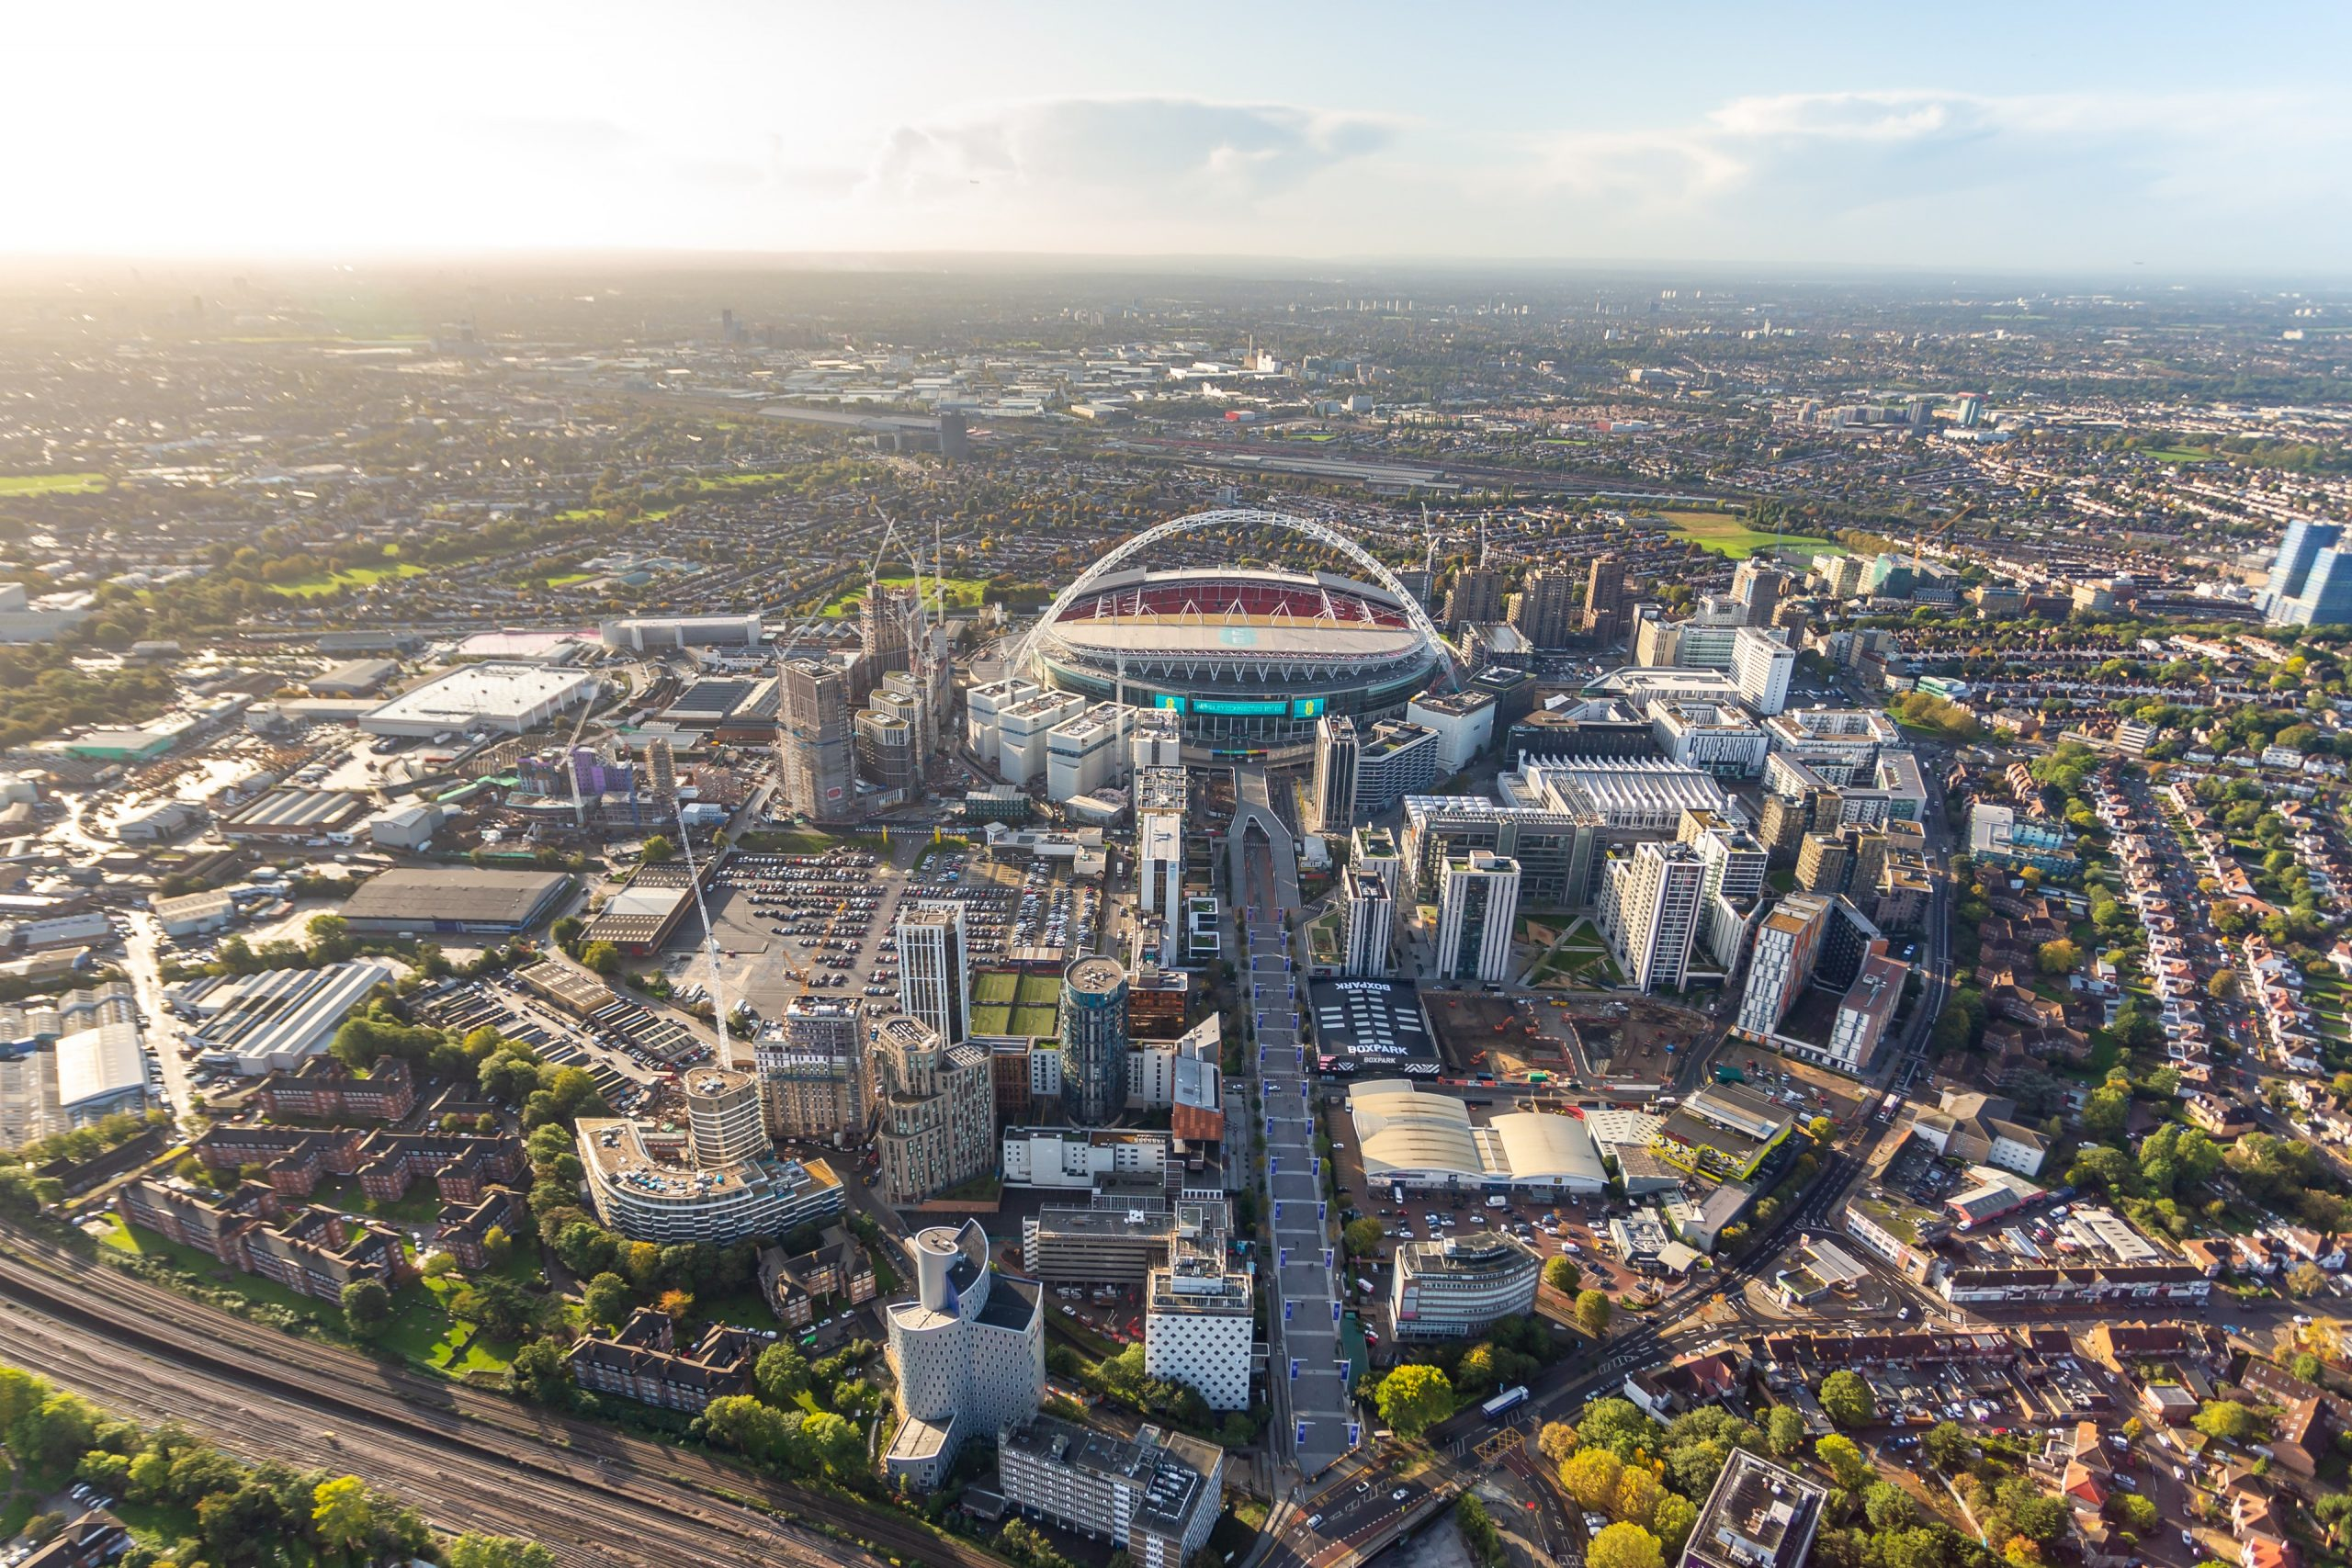 Growth around Wembley stadium in Brent